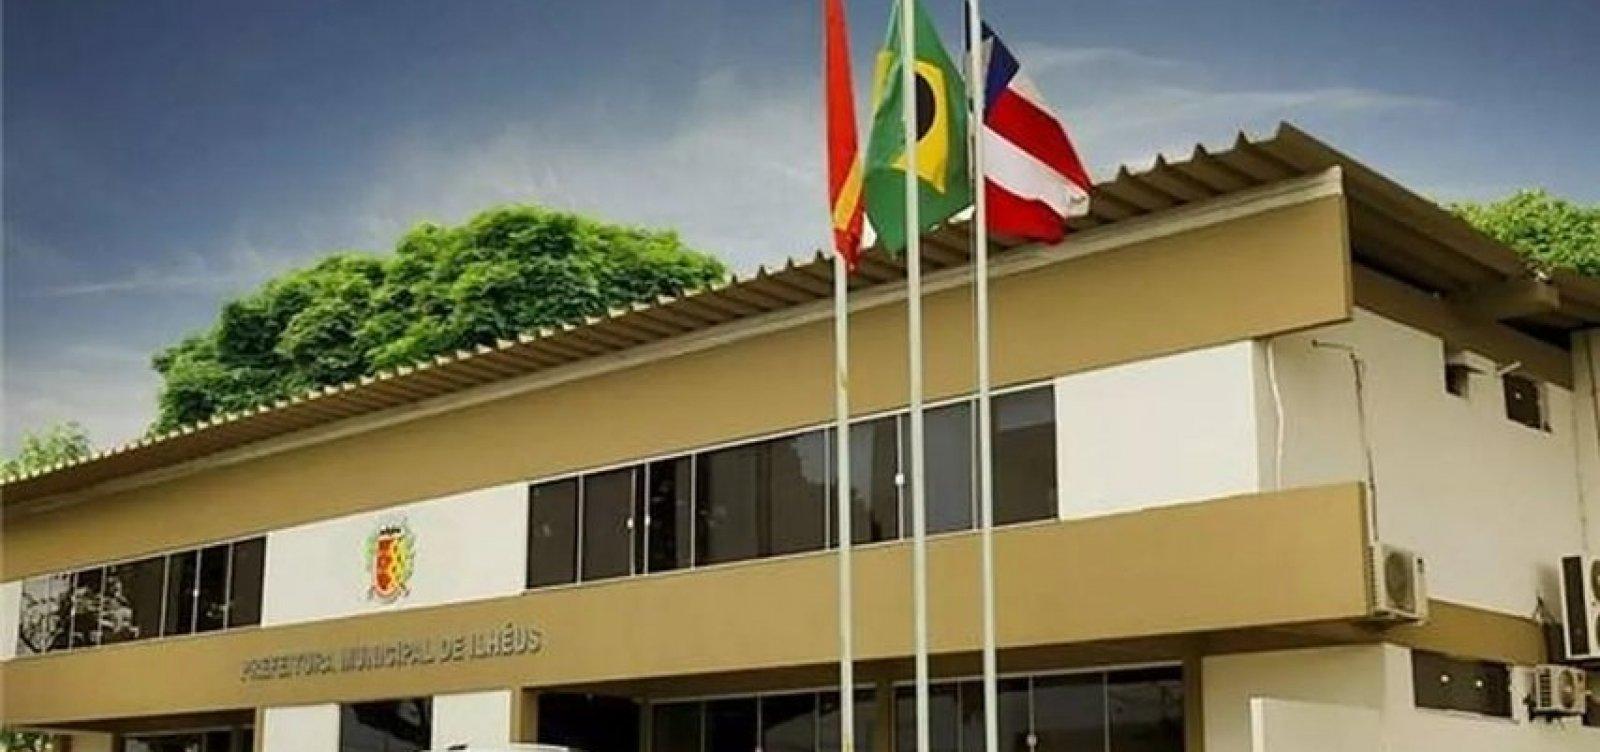 Prefeitura de Ilhéus seleciona profissionais de saúde com salários até R$ 8 mil